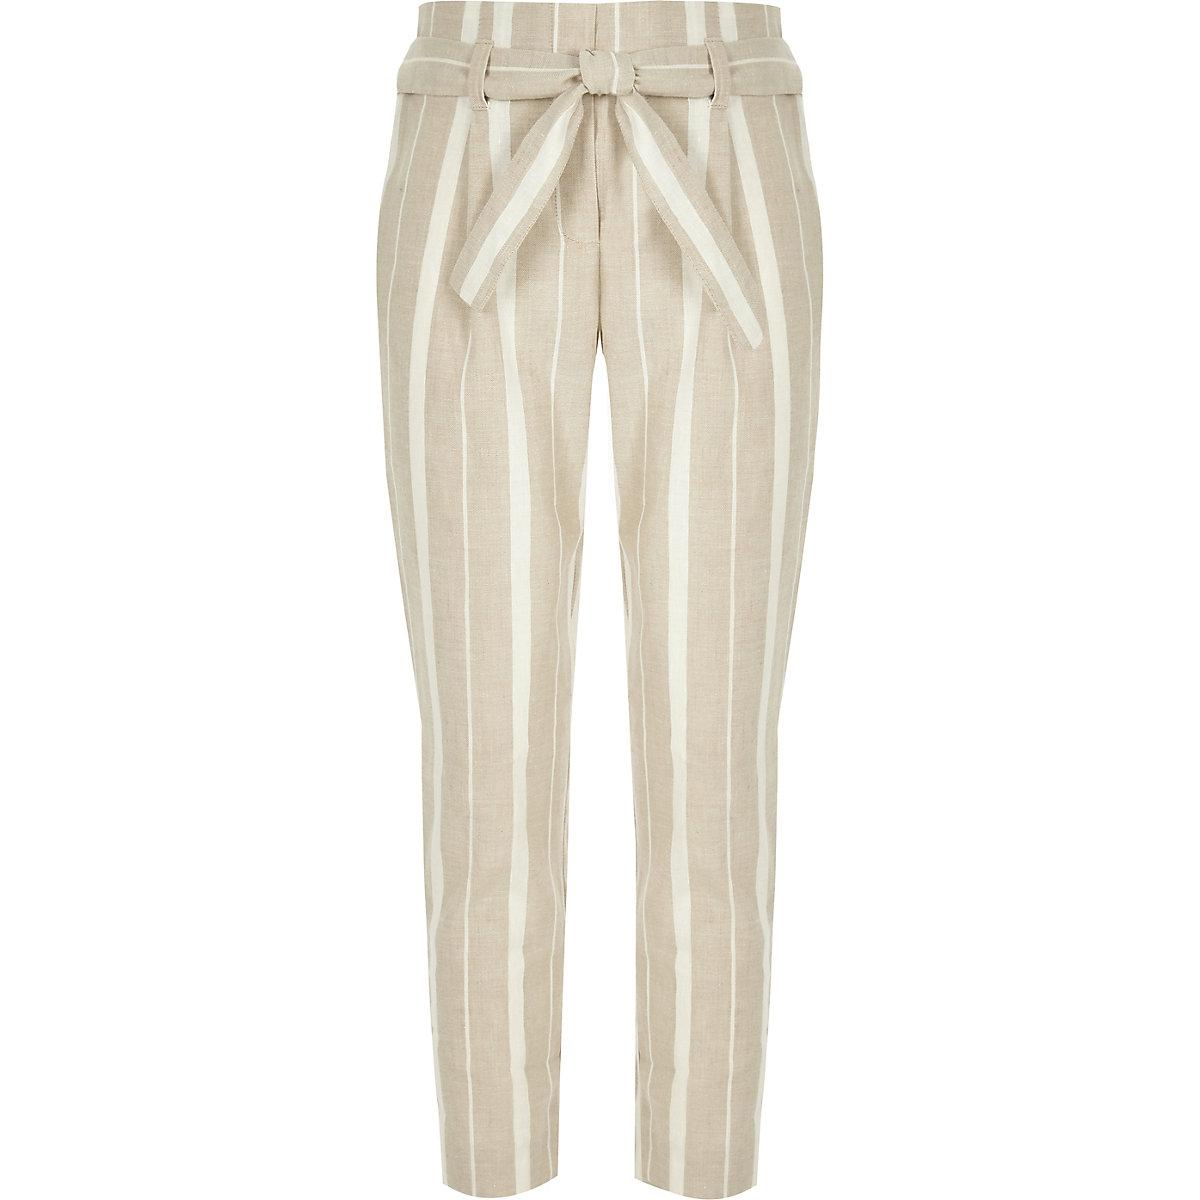 Pantalon fuselé rayé beige avec cordon à la taille pour fille